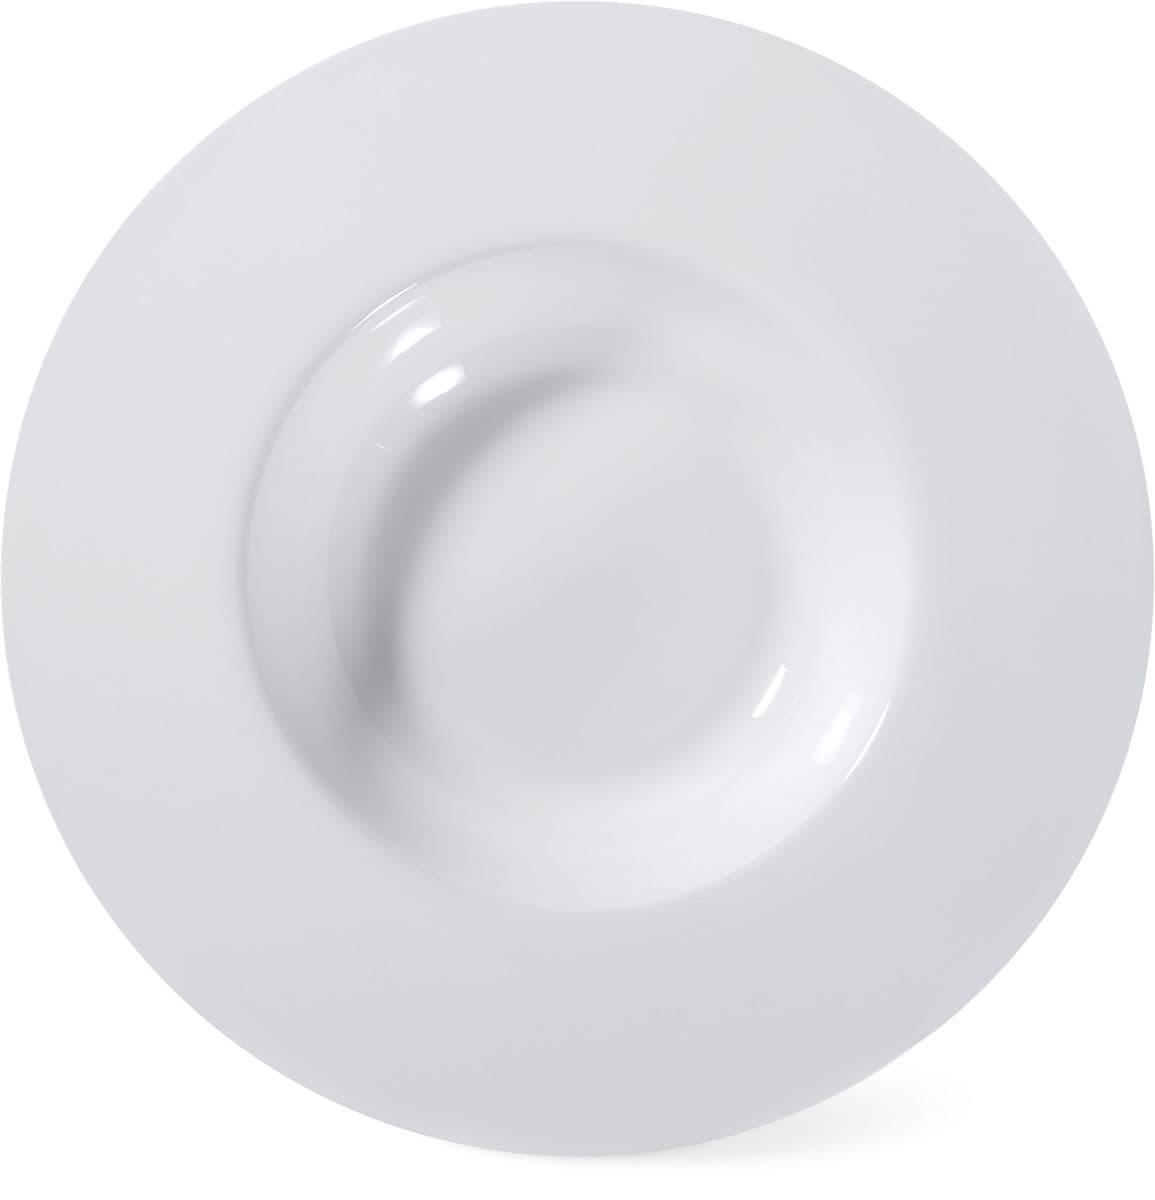 Cucina & Tavola PRIME Assiette per pasta